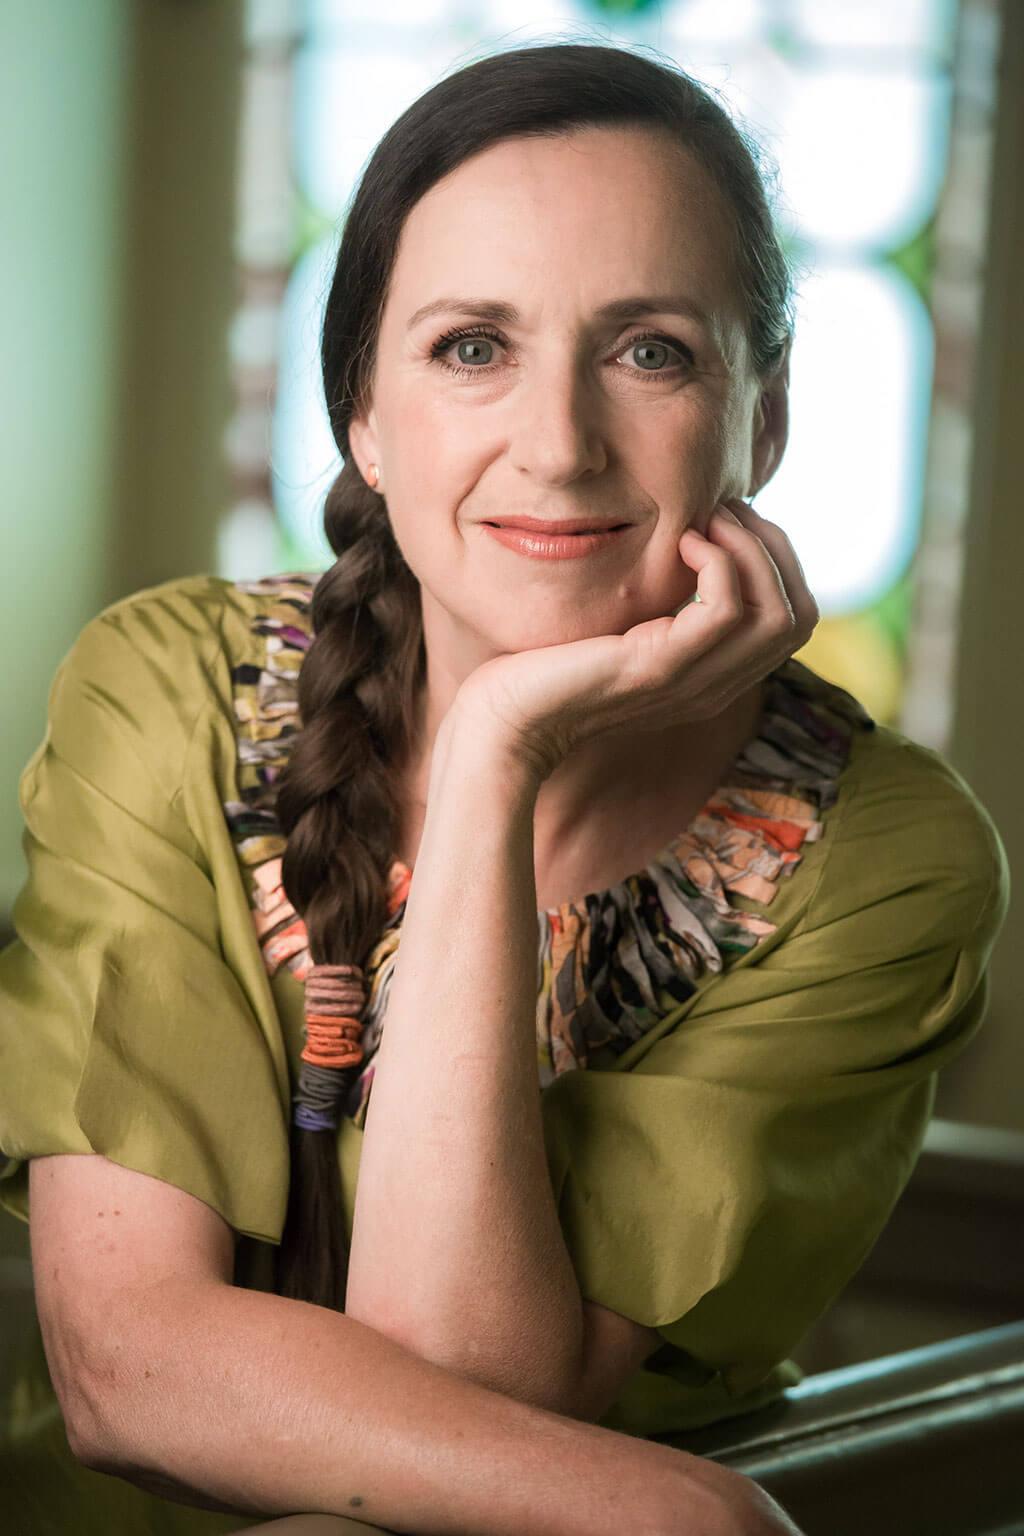 Geneviève Soly, fondatrice des Idées heureuses. (Crédit: Robert Etcheverry)